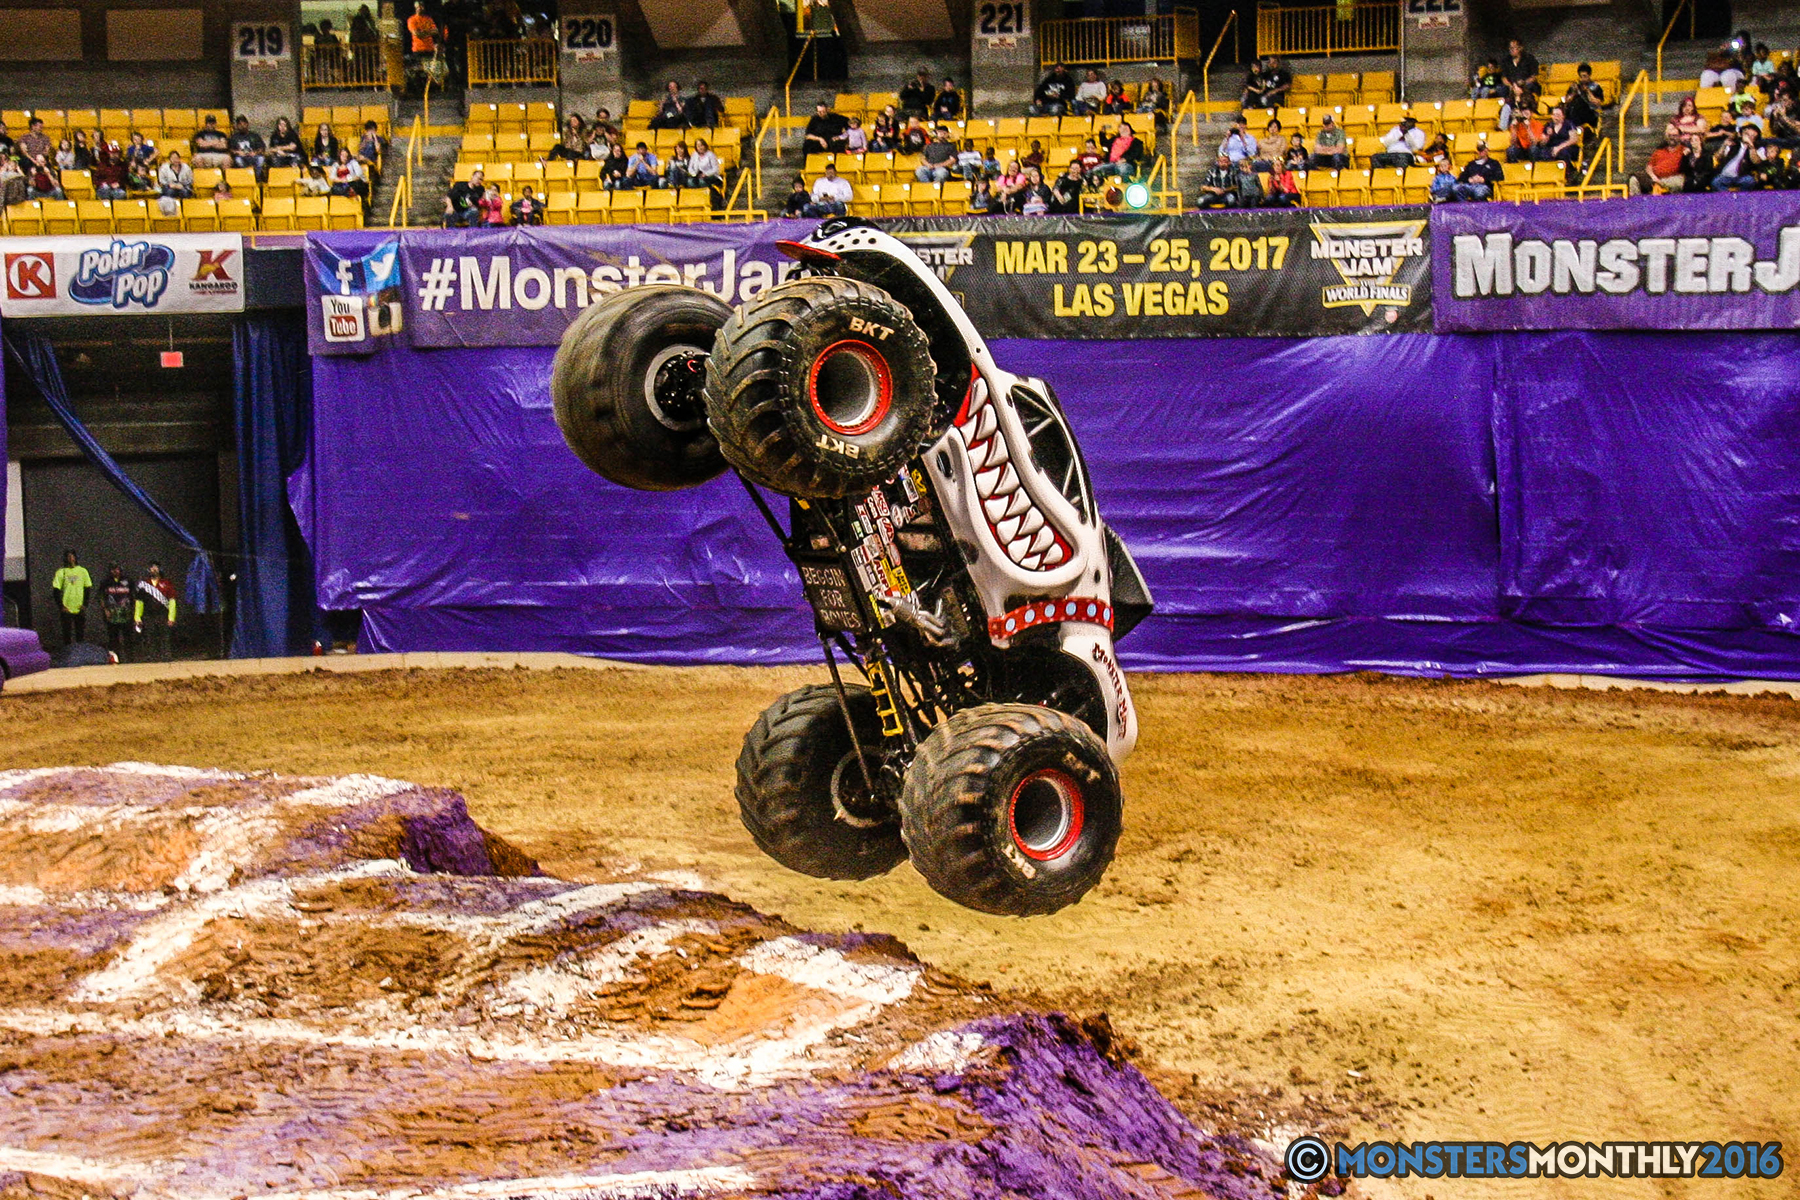 29-monster-jam-utc-mckenzie-arena-chattanooga-tennessee-monstersmonthly-monster-truck-race-gravedigger-monstermutt-xtermigator-razin-kane-doomsday-captainscurse-2016.jpg